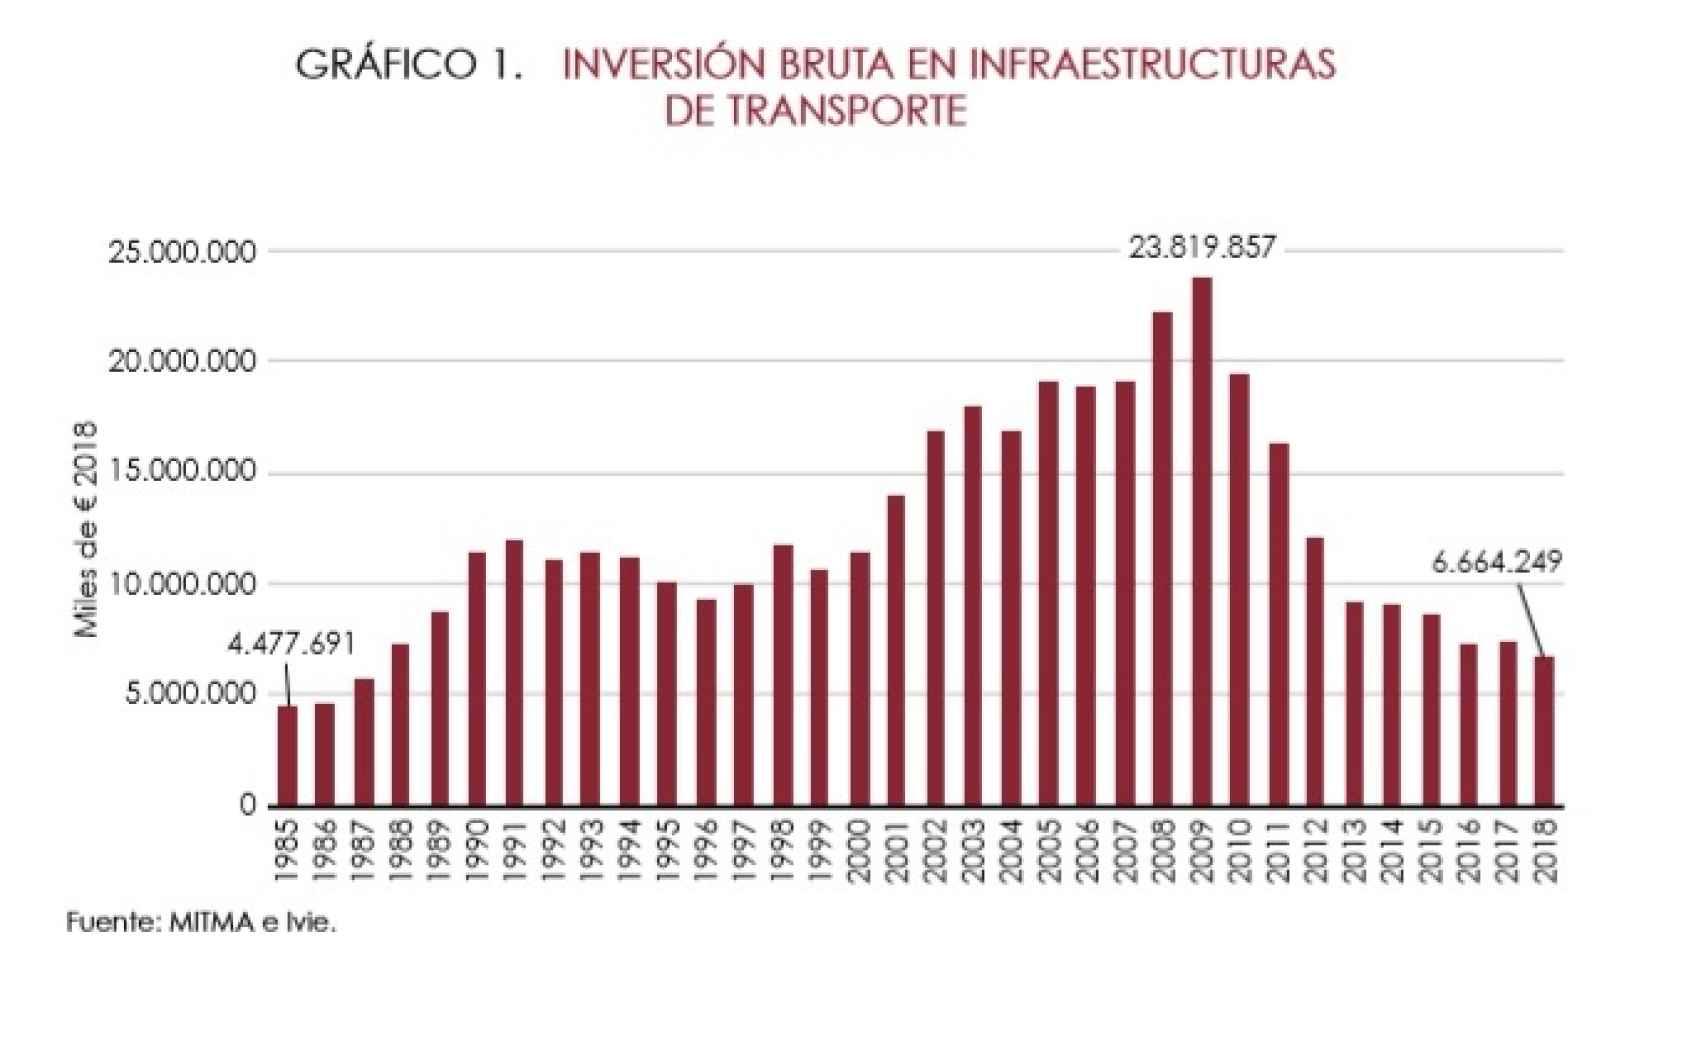 Inversion bruta en infraestructuras.